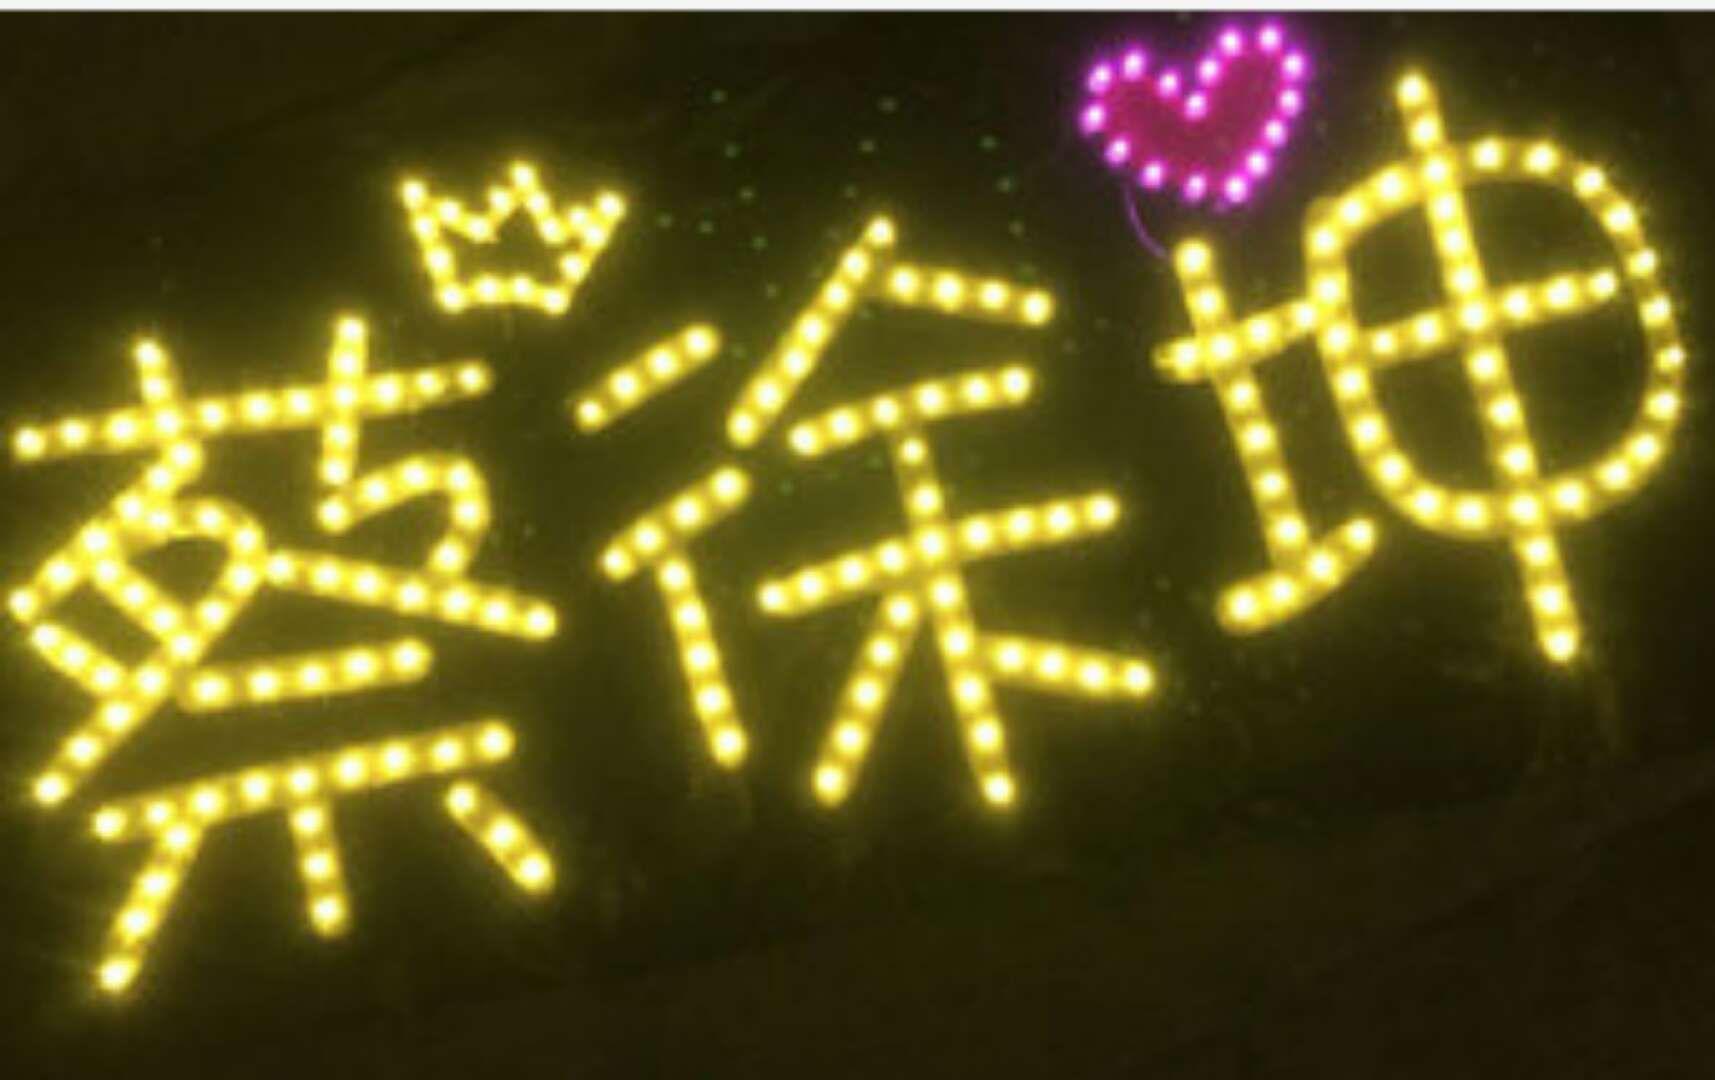 演唱会蔡徐坤应援助威道具发光字手举牌荧光板手持led灯牌定制作